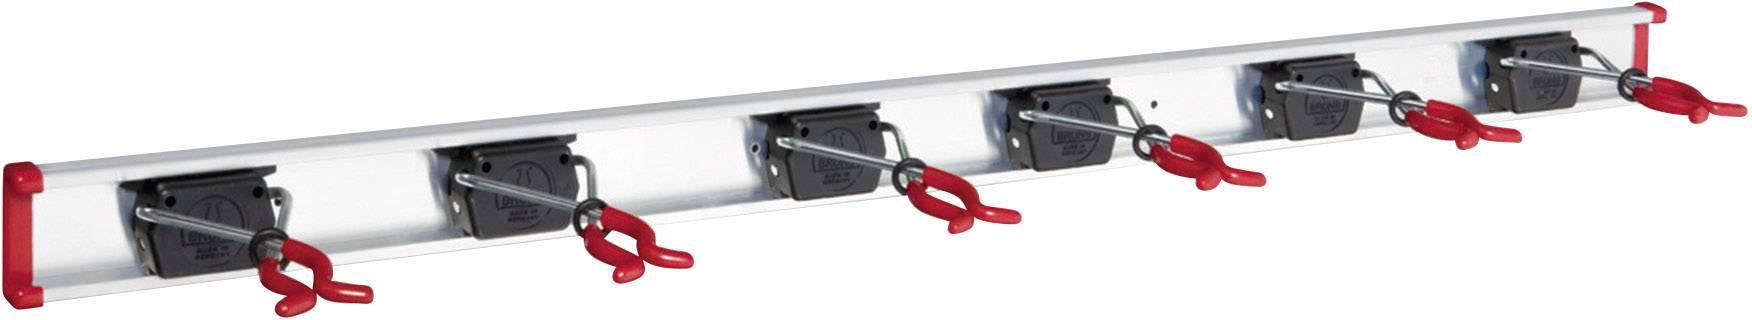 Lišta s držáky na nářadí Bruns, SB 6.10 C, 6 držáků, 1 m